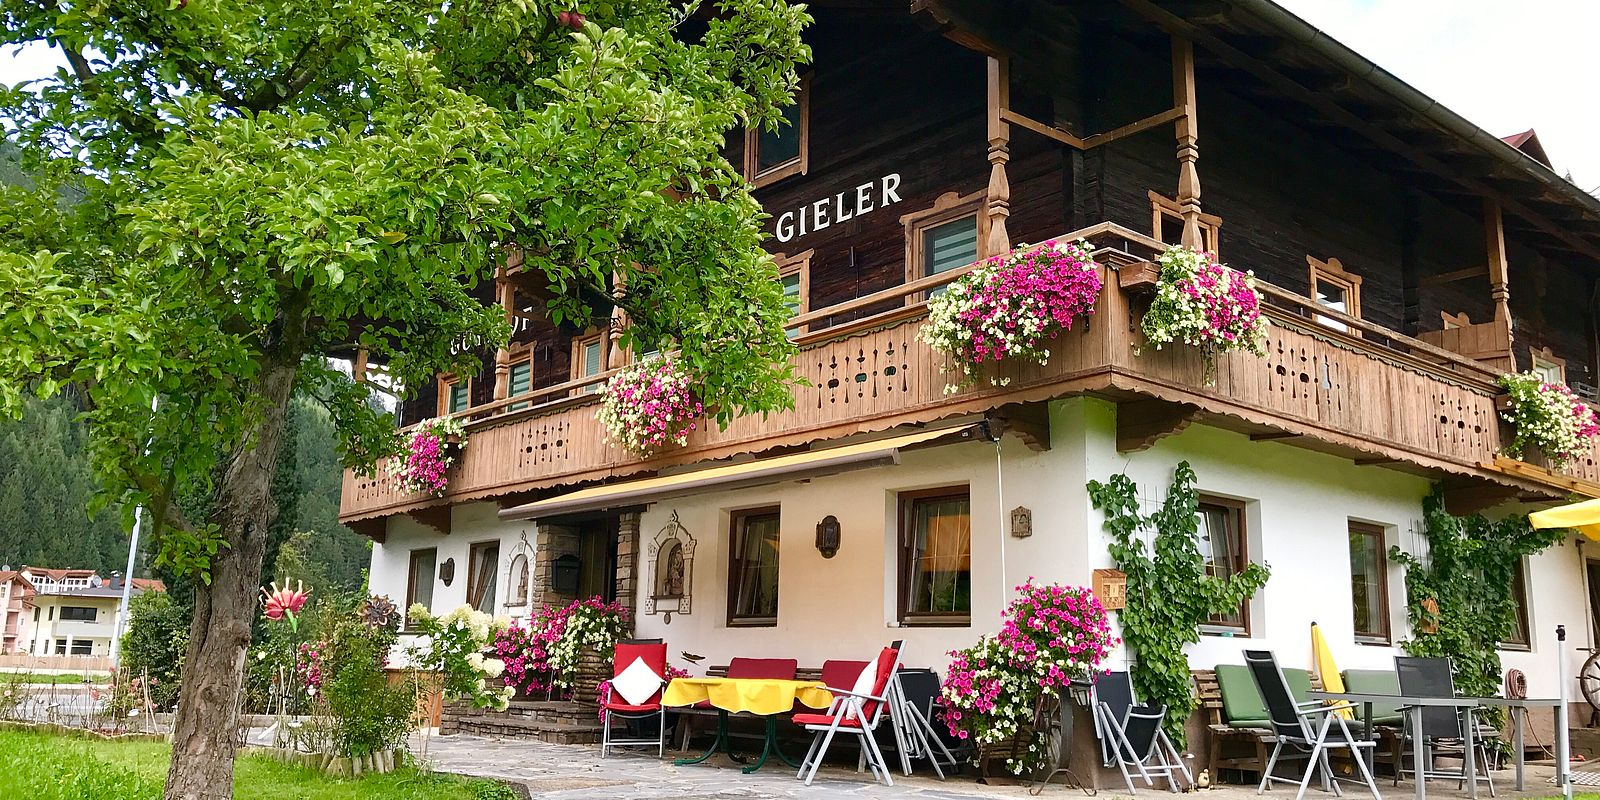 Gielerhof Aussenansicht im Sommer